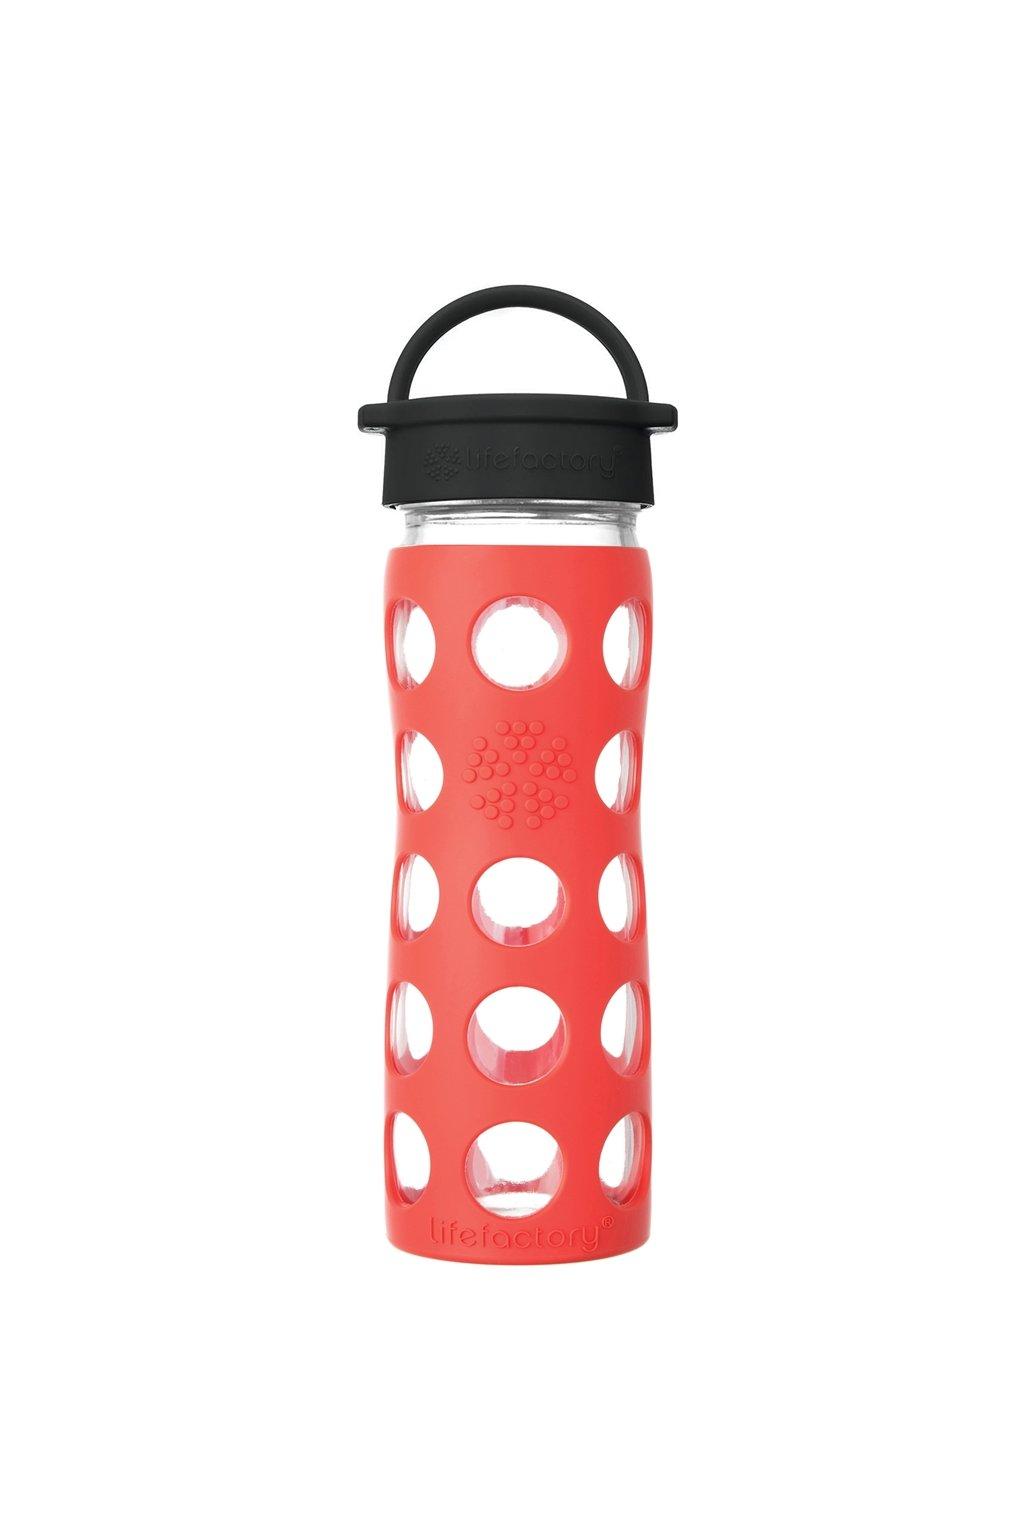 Sklenena lahev na vodu Lifefactory 475 ml Poppy